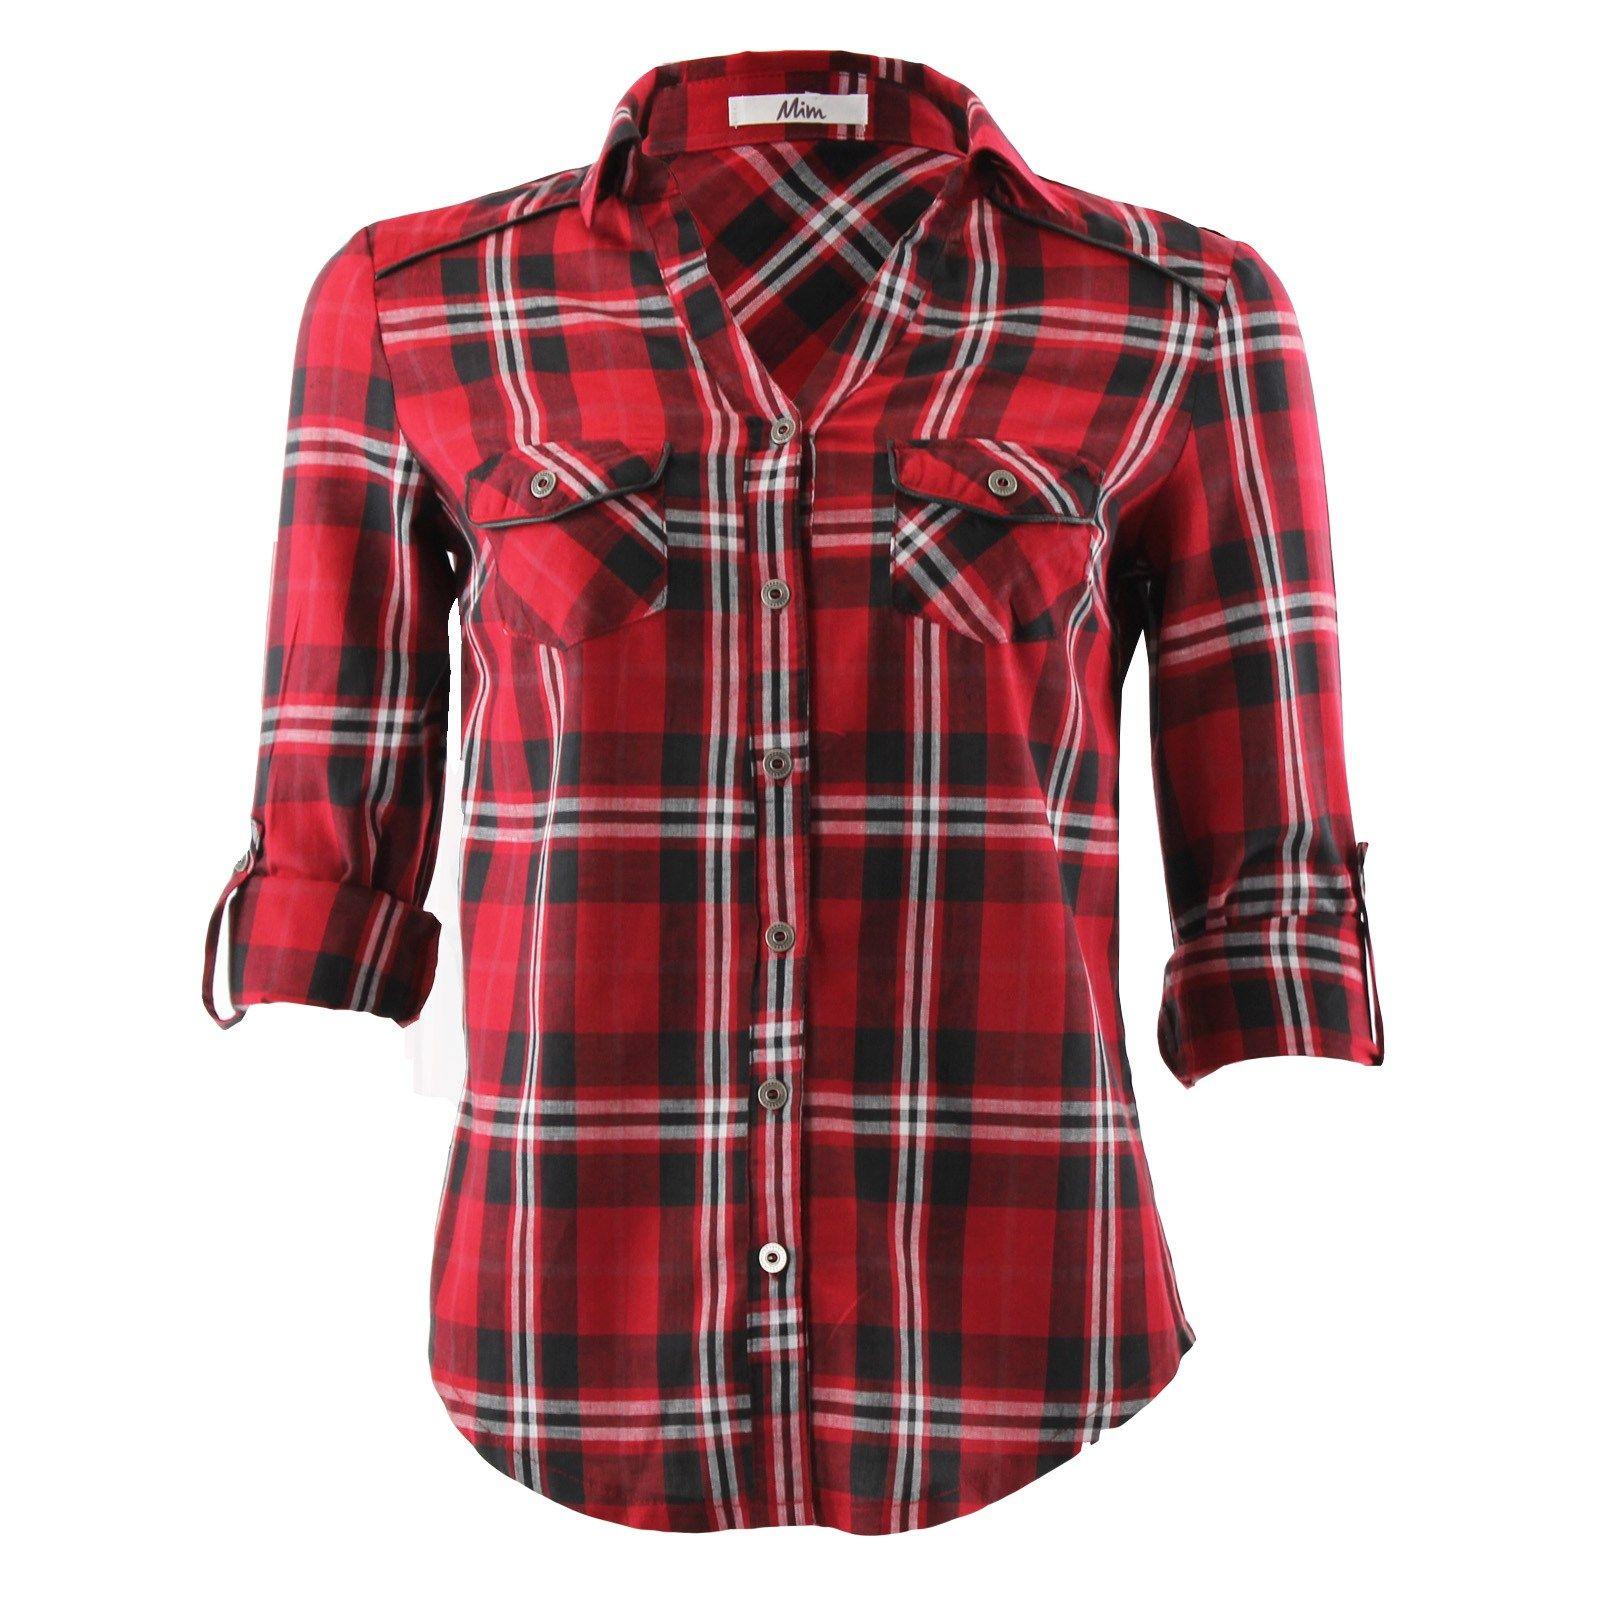 Femmes À Les Leurs CarreauxEsprit Ont Chemises Droit Aussi EDI29H